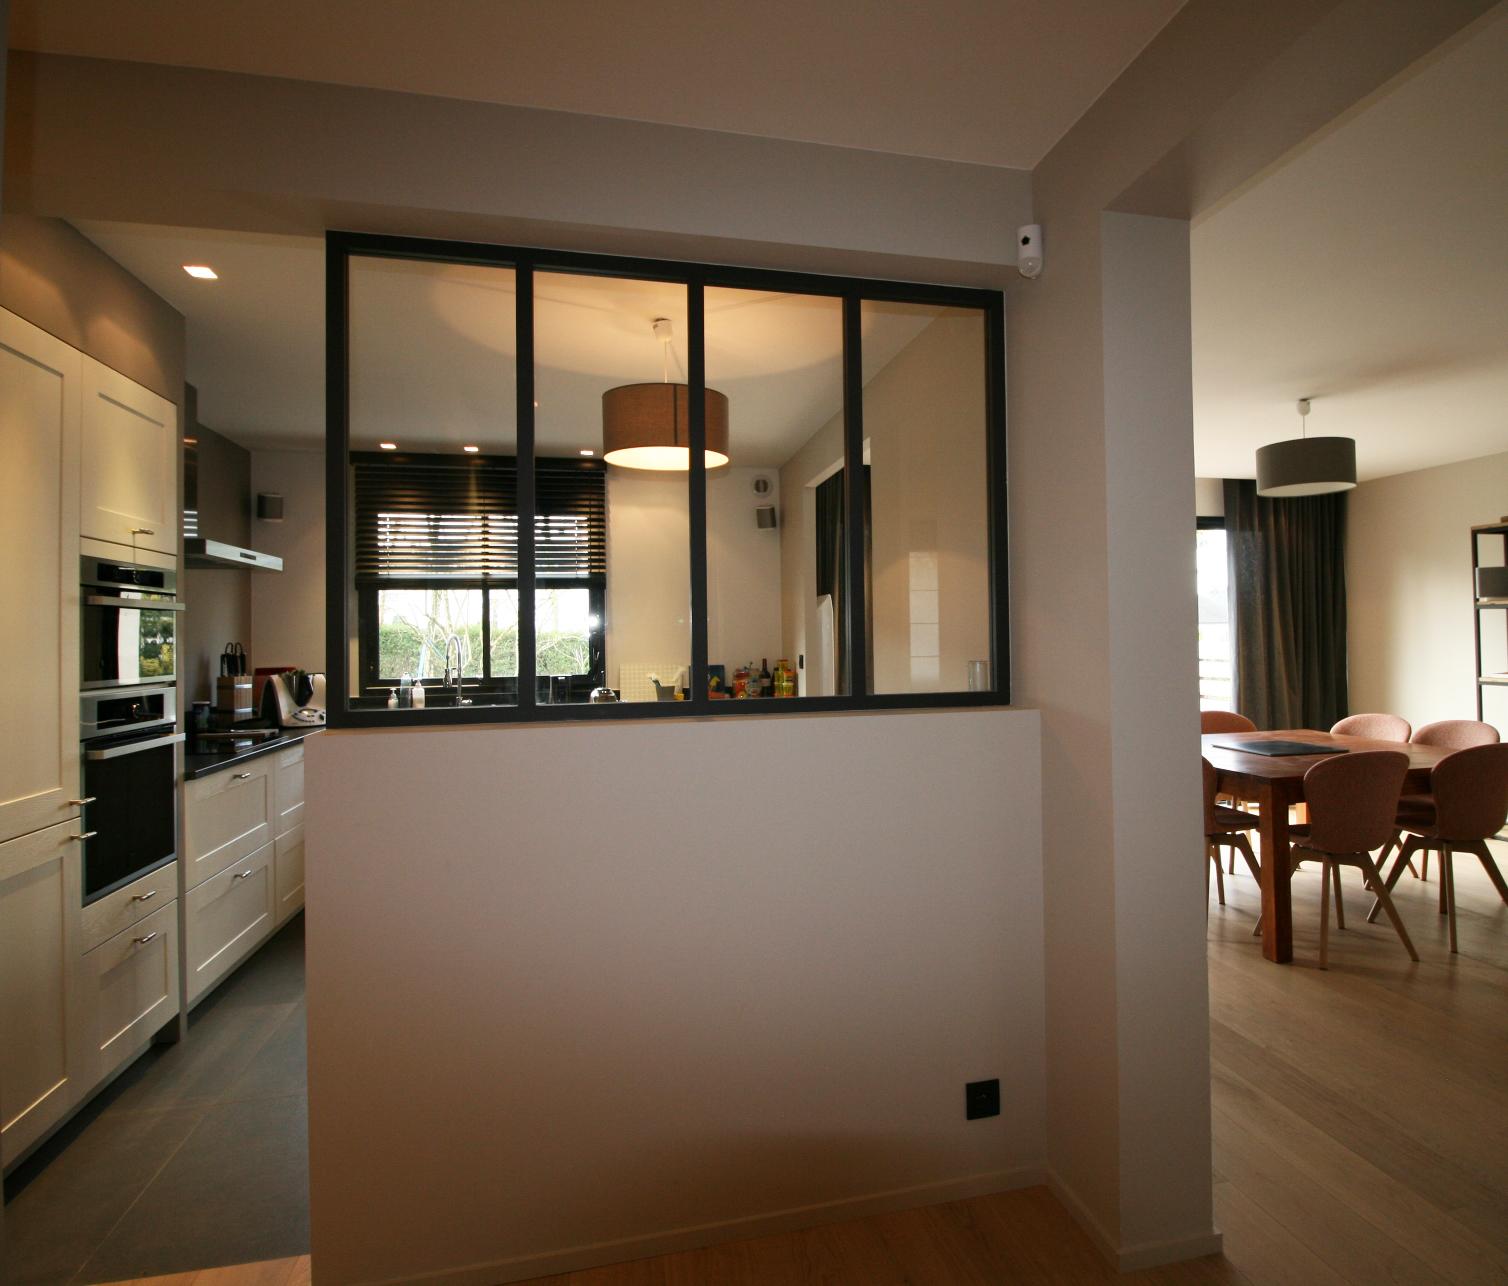 redistribution compl te d 39 une maison ann e 70 c design architecture d 39 int rieur et ma trise d. Black Bedroom Furniture Sets. Home Design Ideas